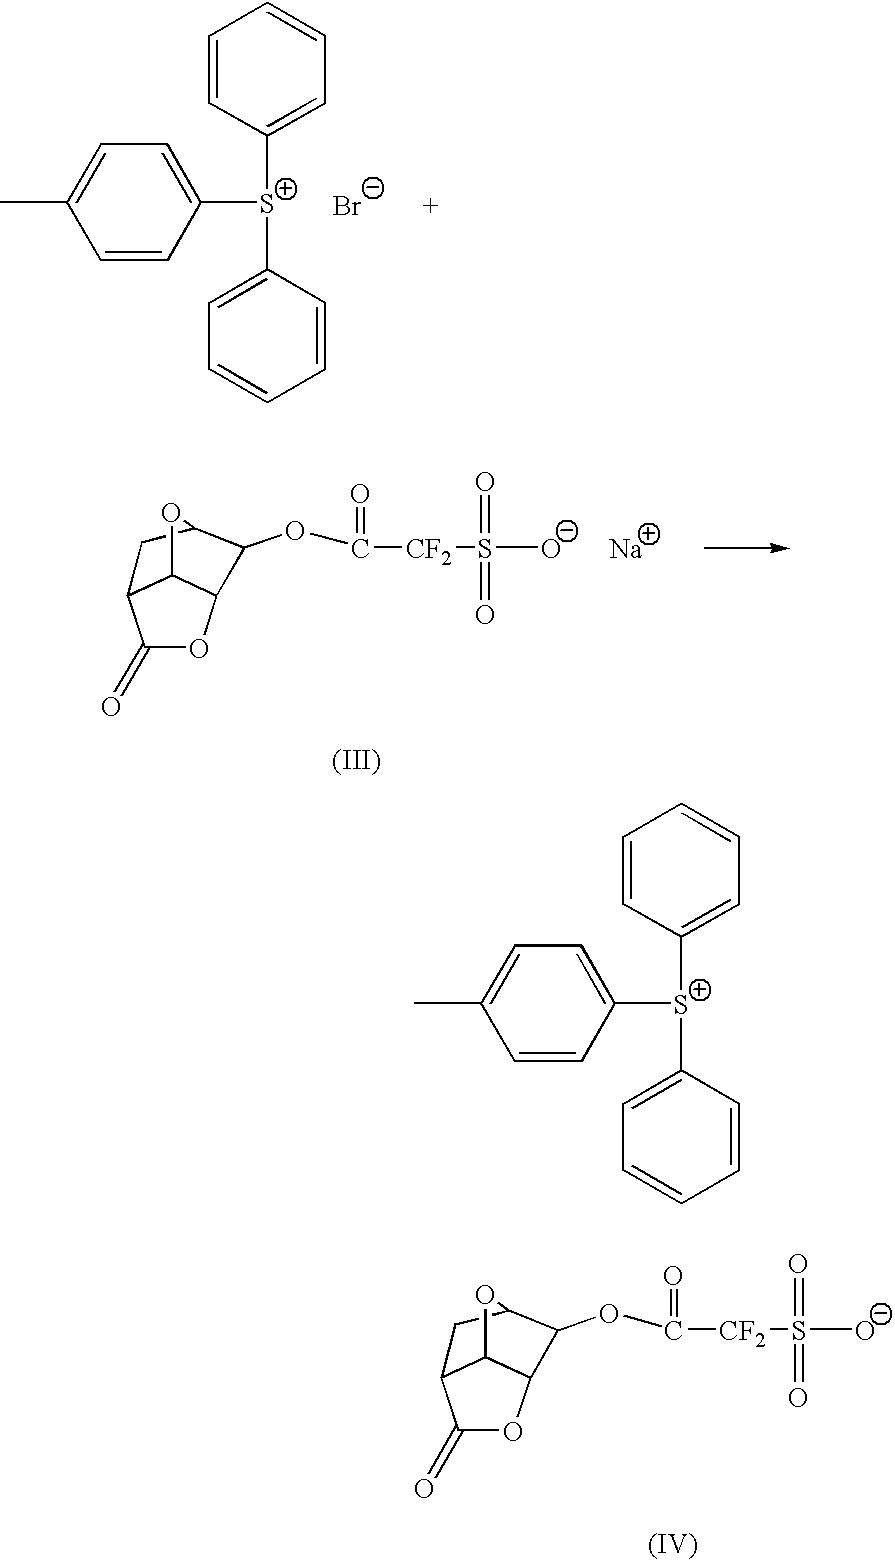 Figure US20100136480A1-20100603-C00105